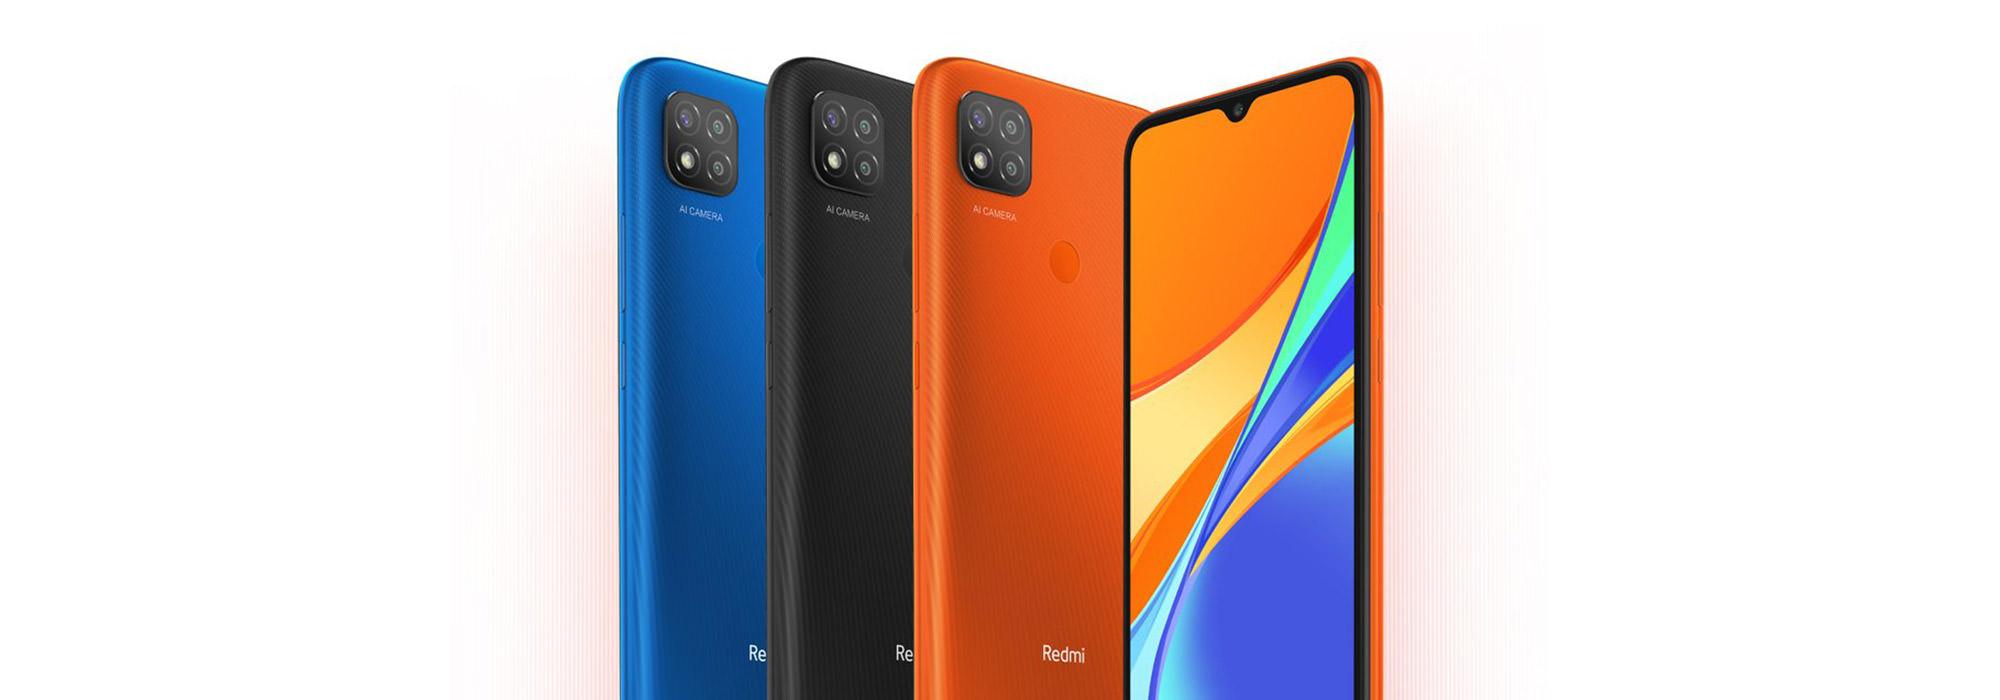 Xiaomi Redmi 9C für unter 100 Euro erhältlich